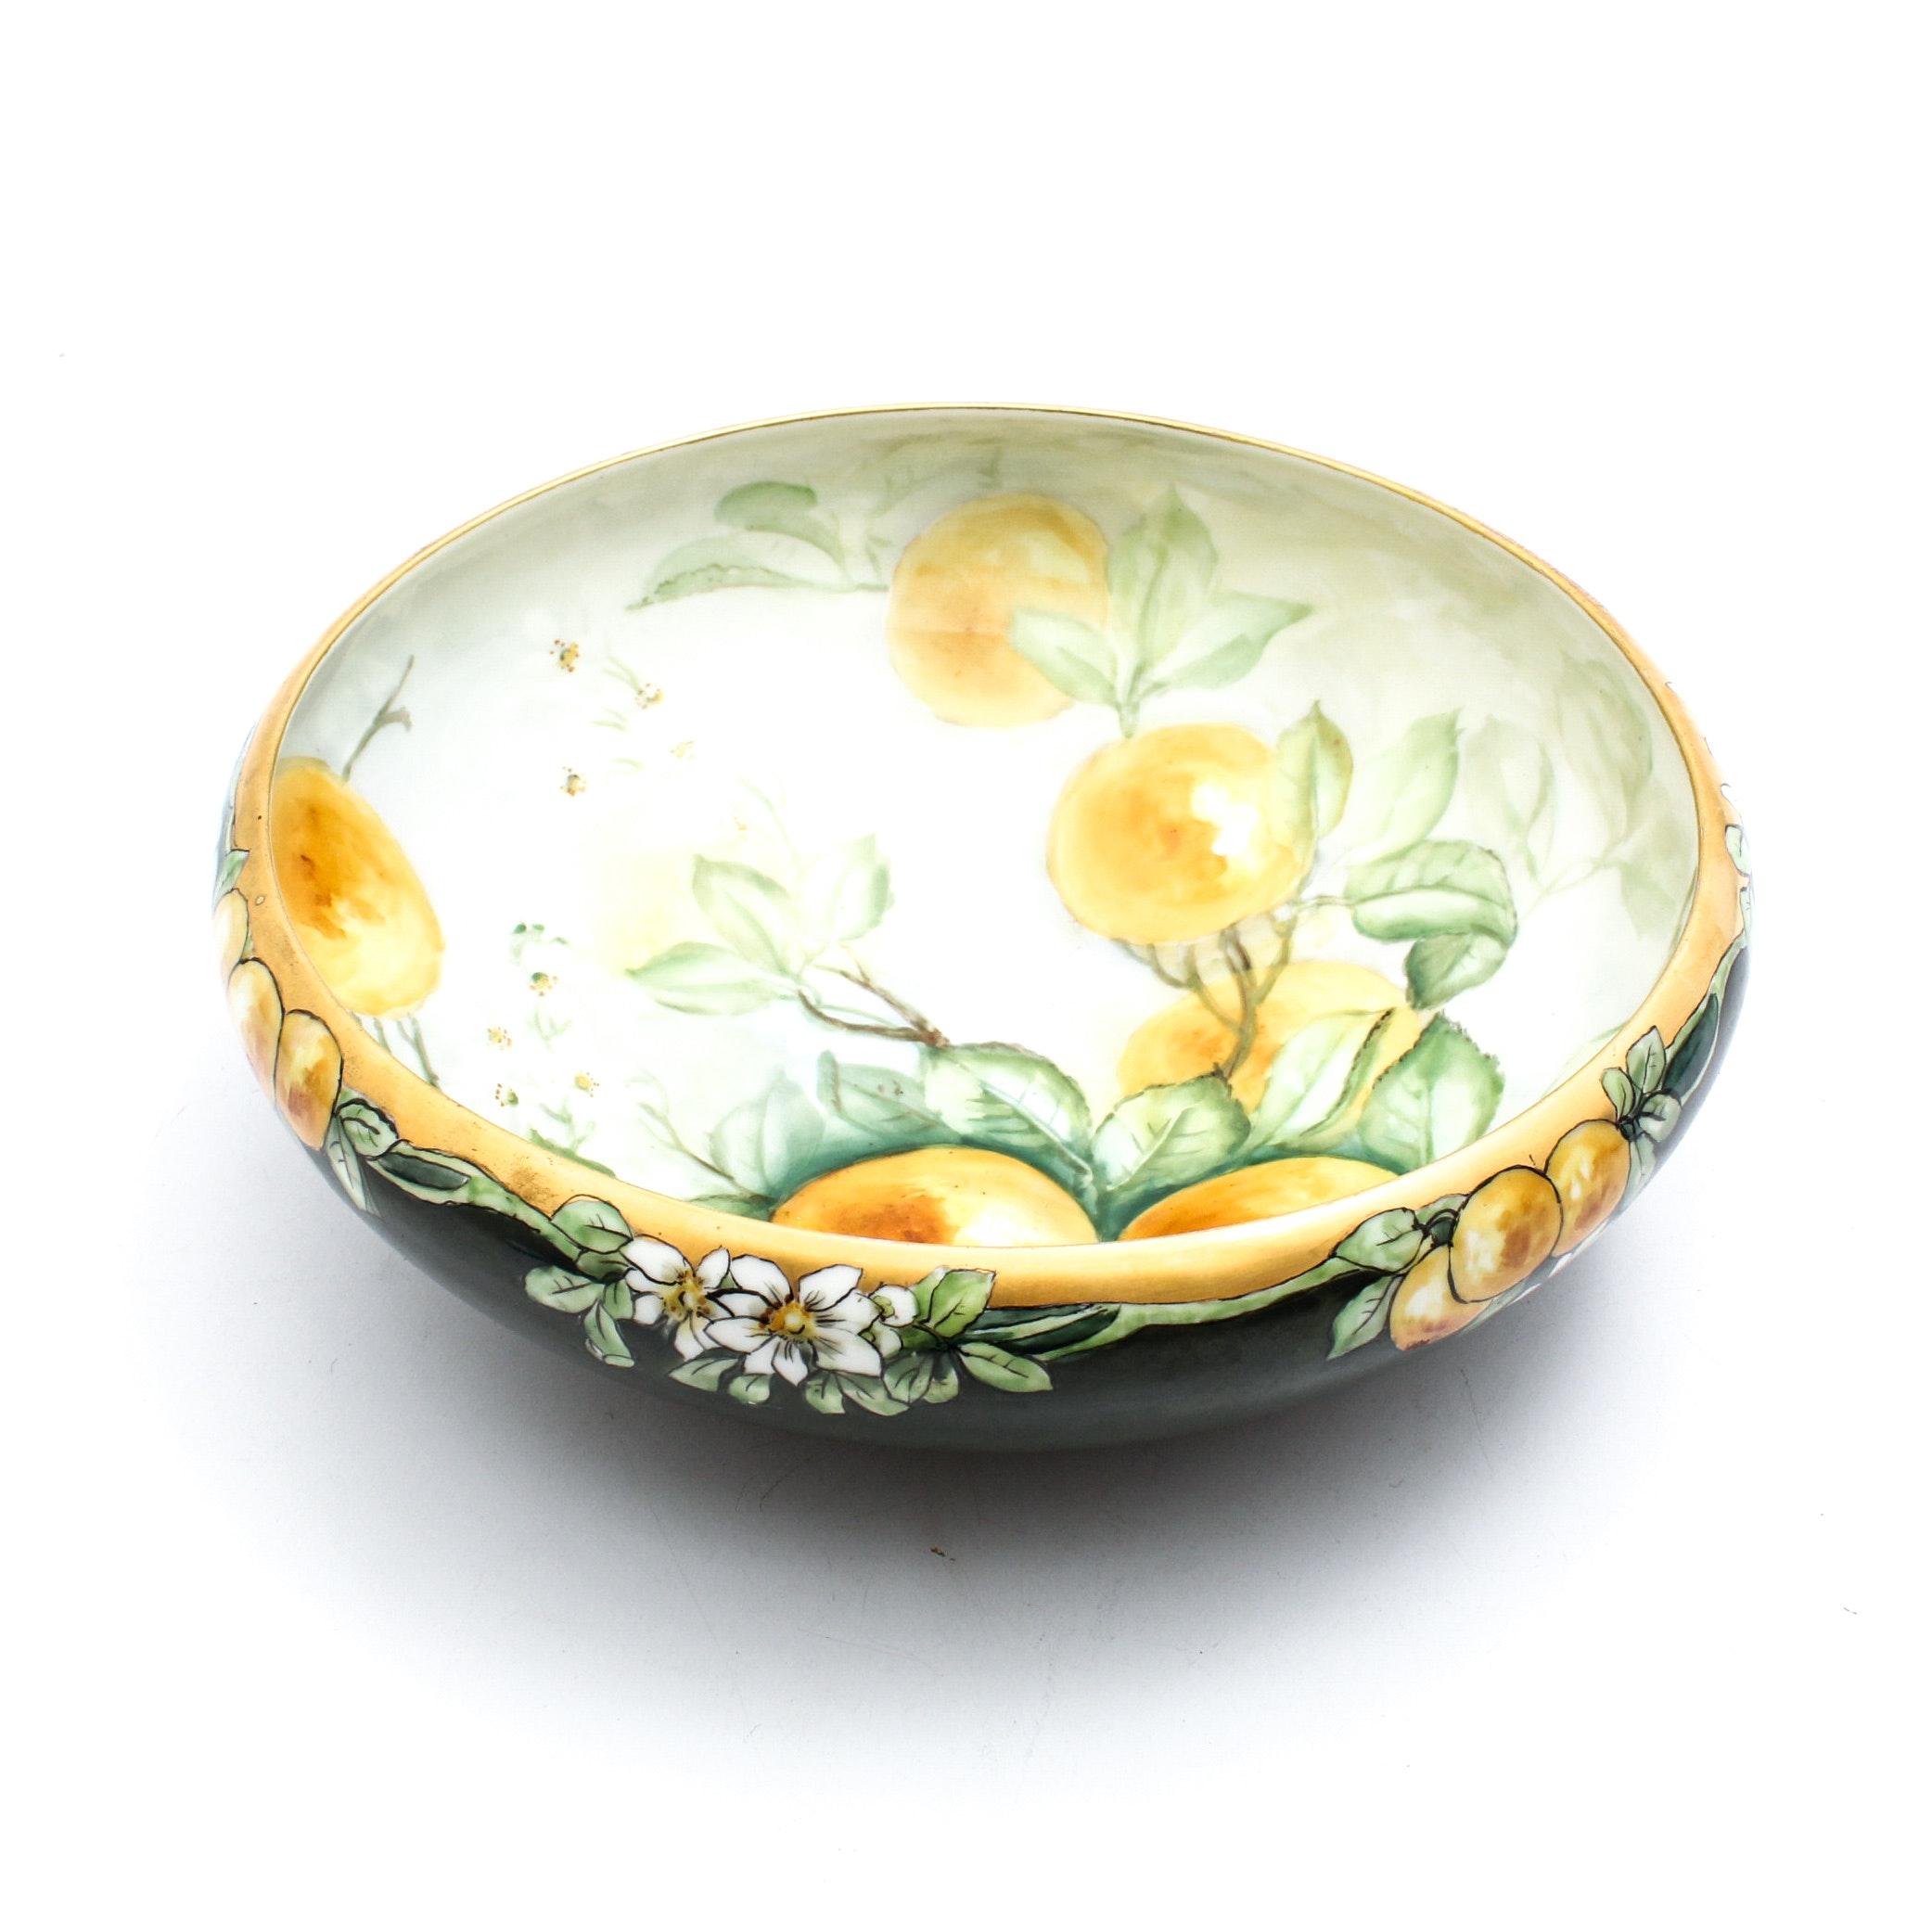 Tressman and Vogt Limoges Hand Painted Porcelain Bowl